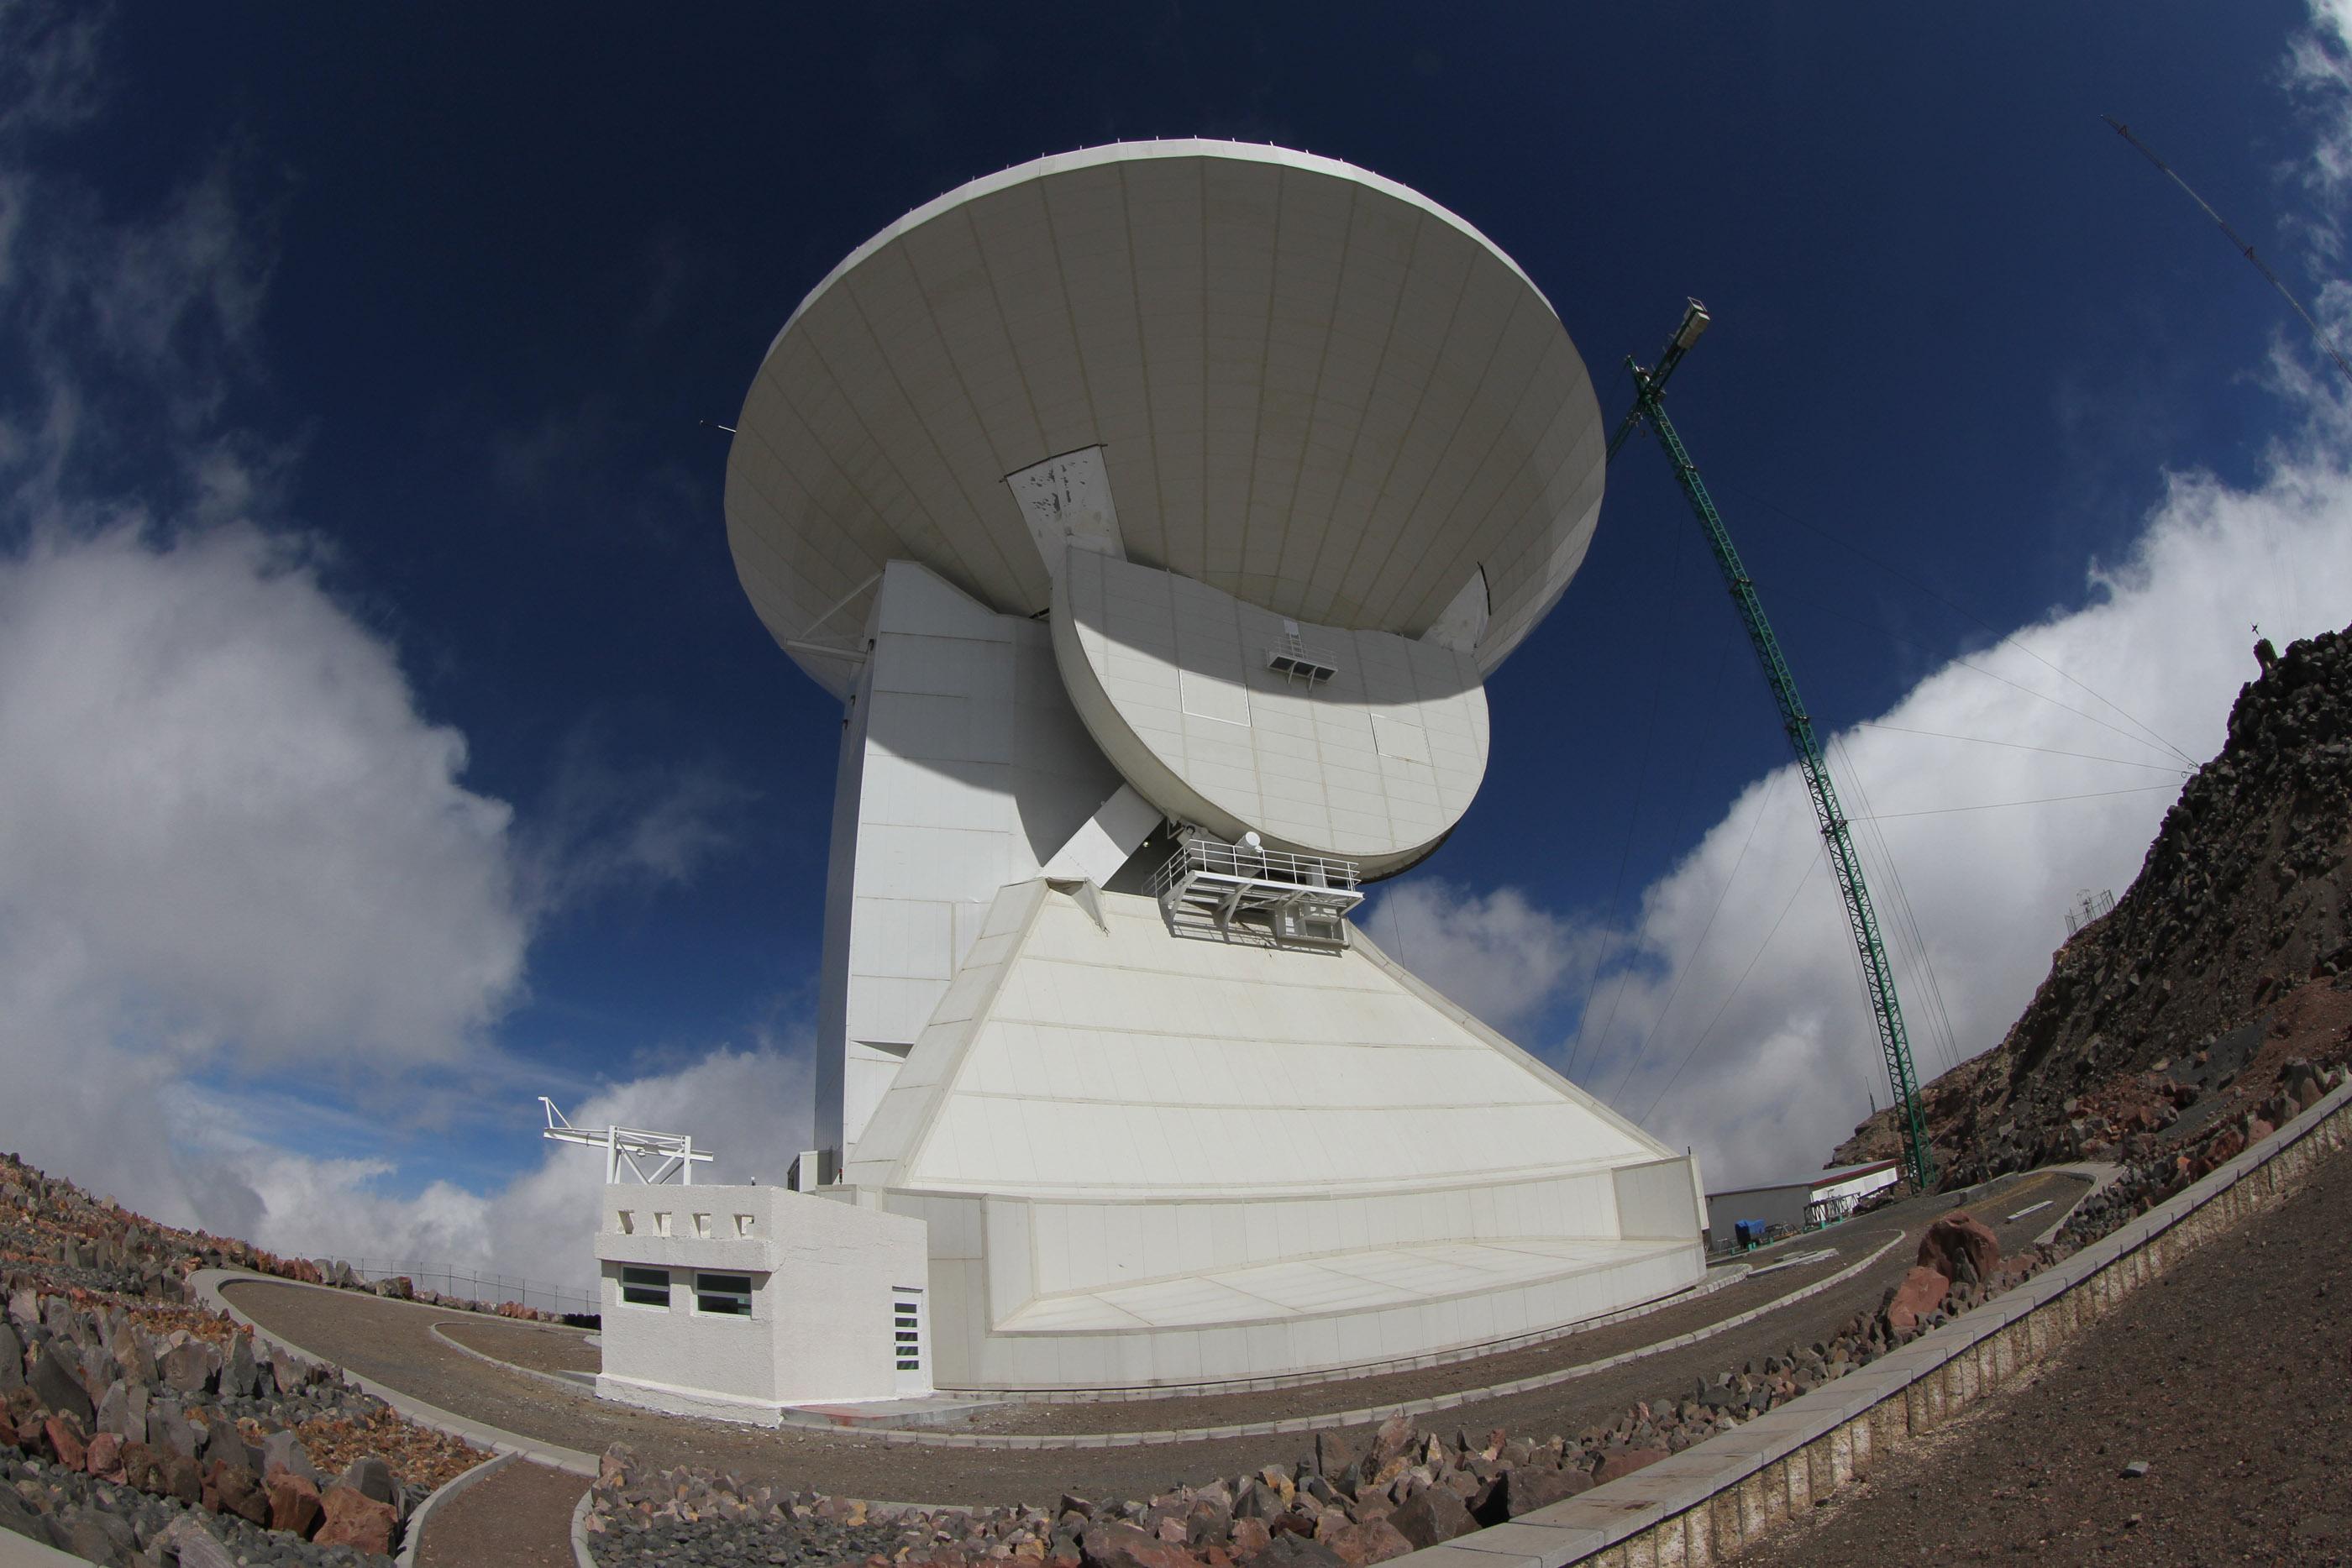 ¡Galaxia a la vista! Científicos del INAOE detectan la segunda galaxia más lejana